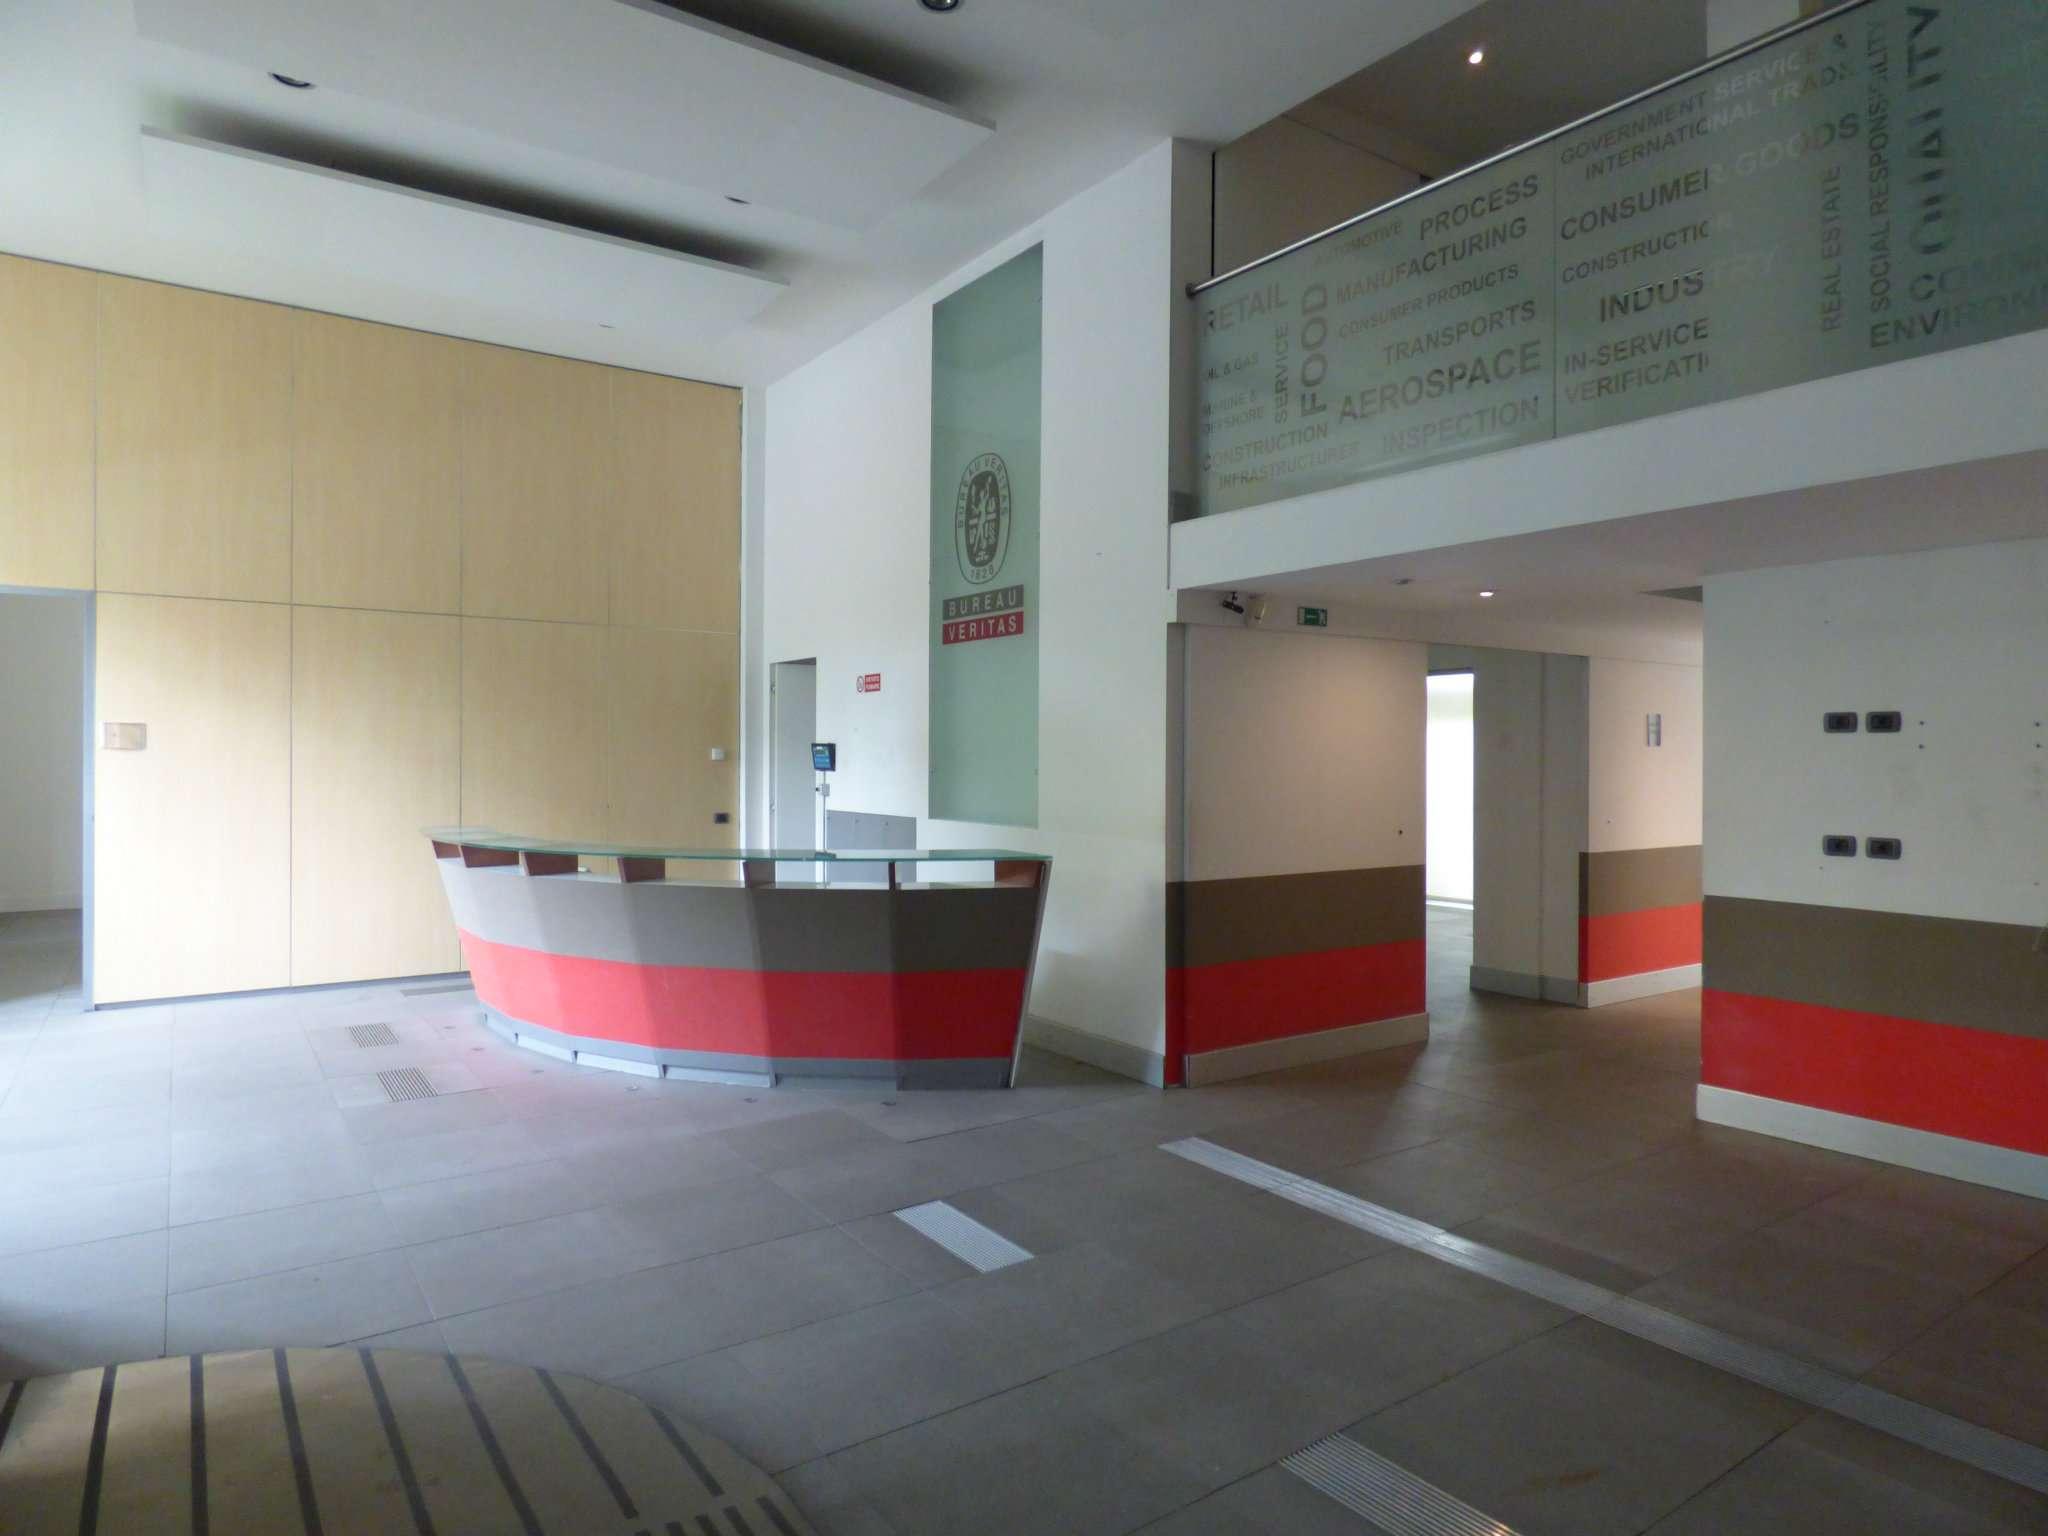 Ufficio-studio in Affitto a Milano 20 Bicocca / Crescenzago / Cimiano: 5 locali, 590 mq